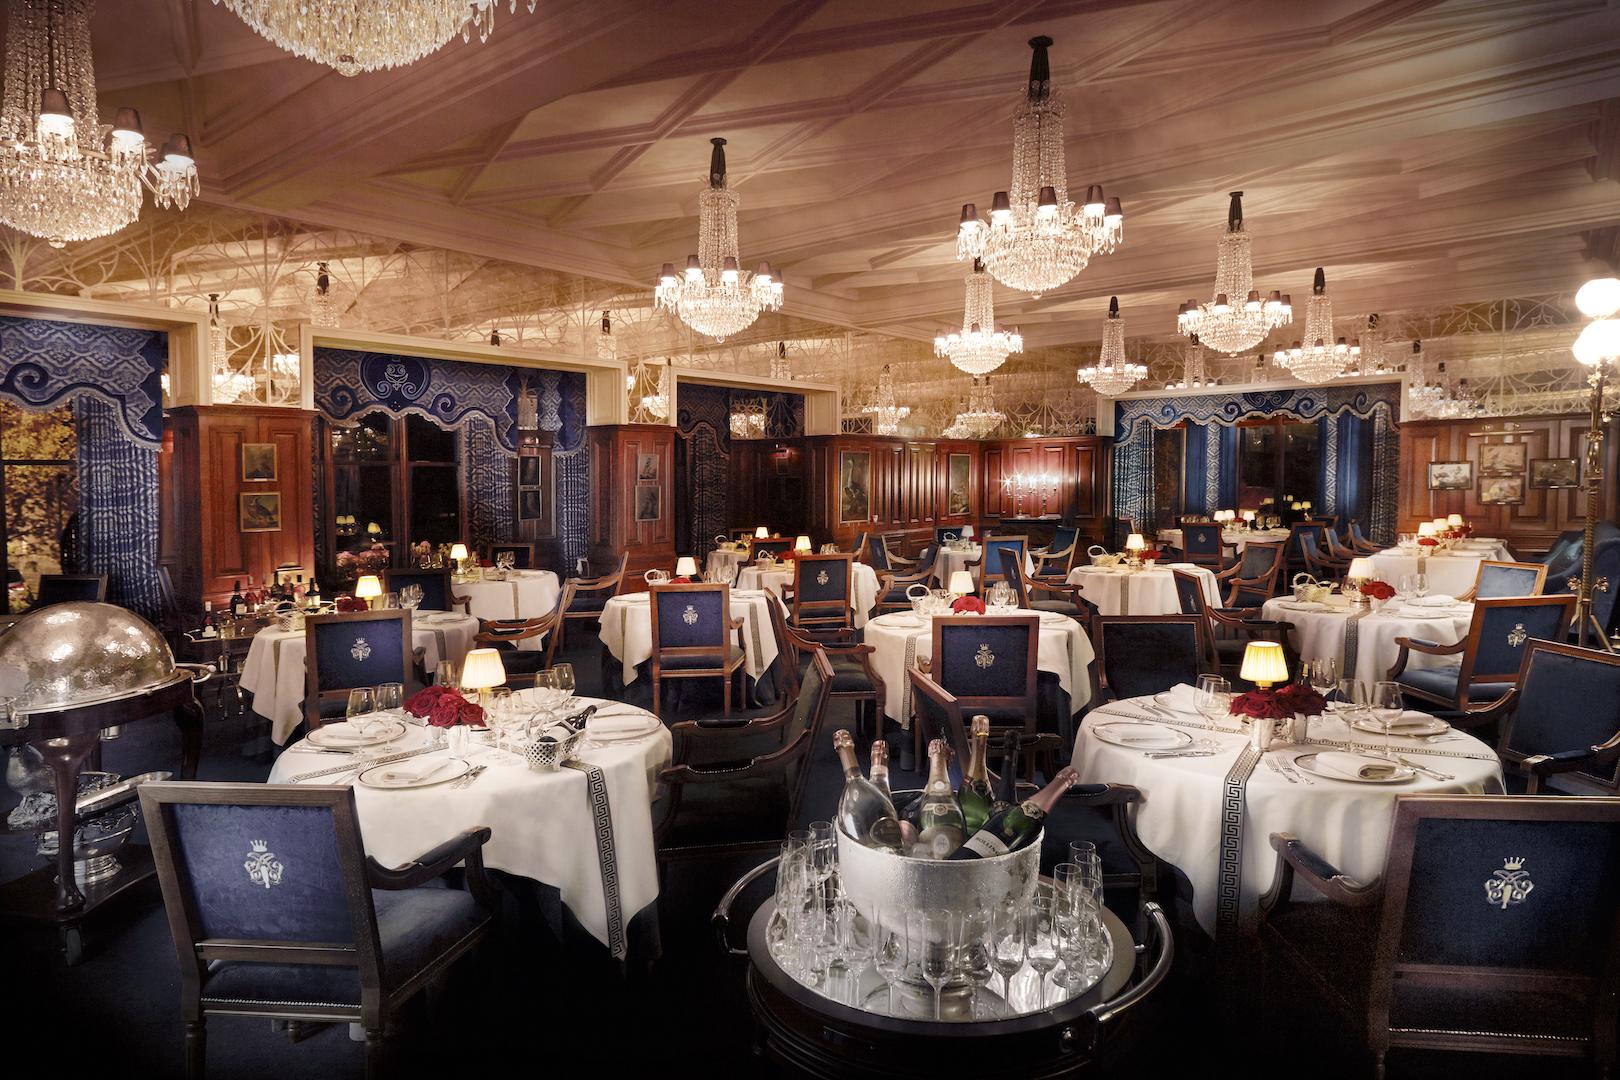 George V Dining Room - Image Courtesy Ashford Castle